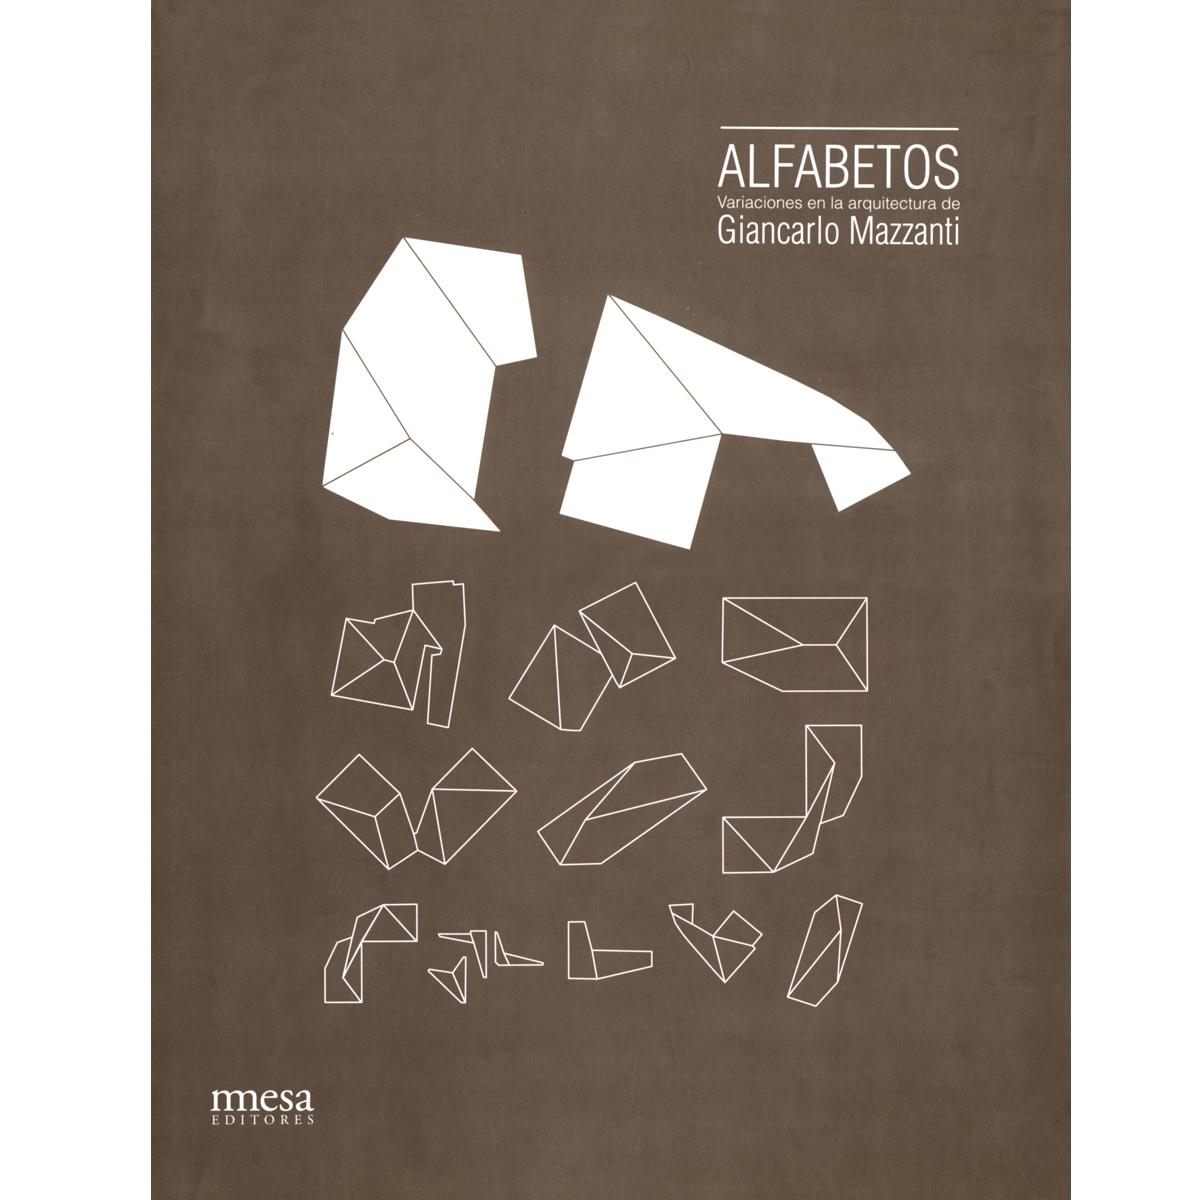 Alfabetos: Variaciones en la  arquitectura de Giancarlo Mazzanti